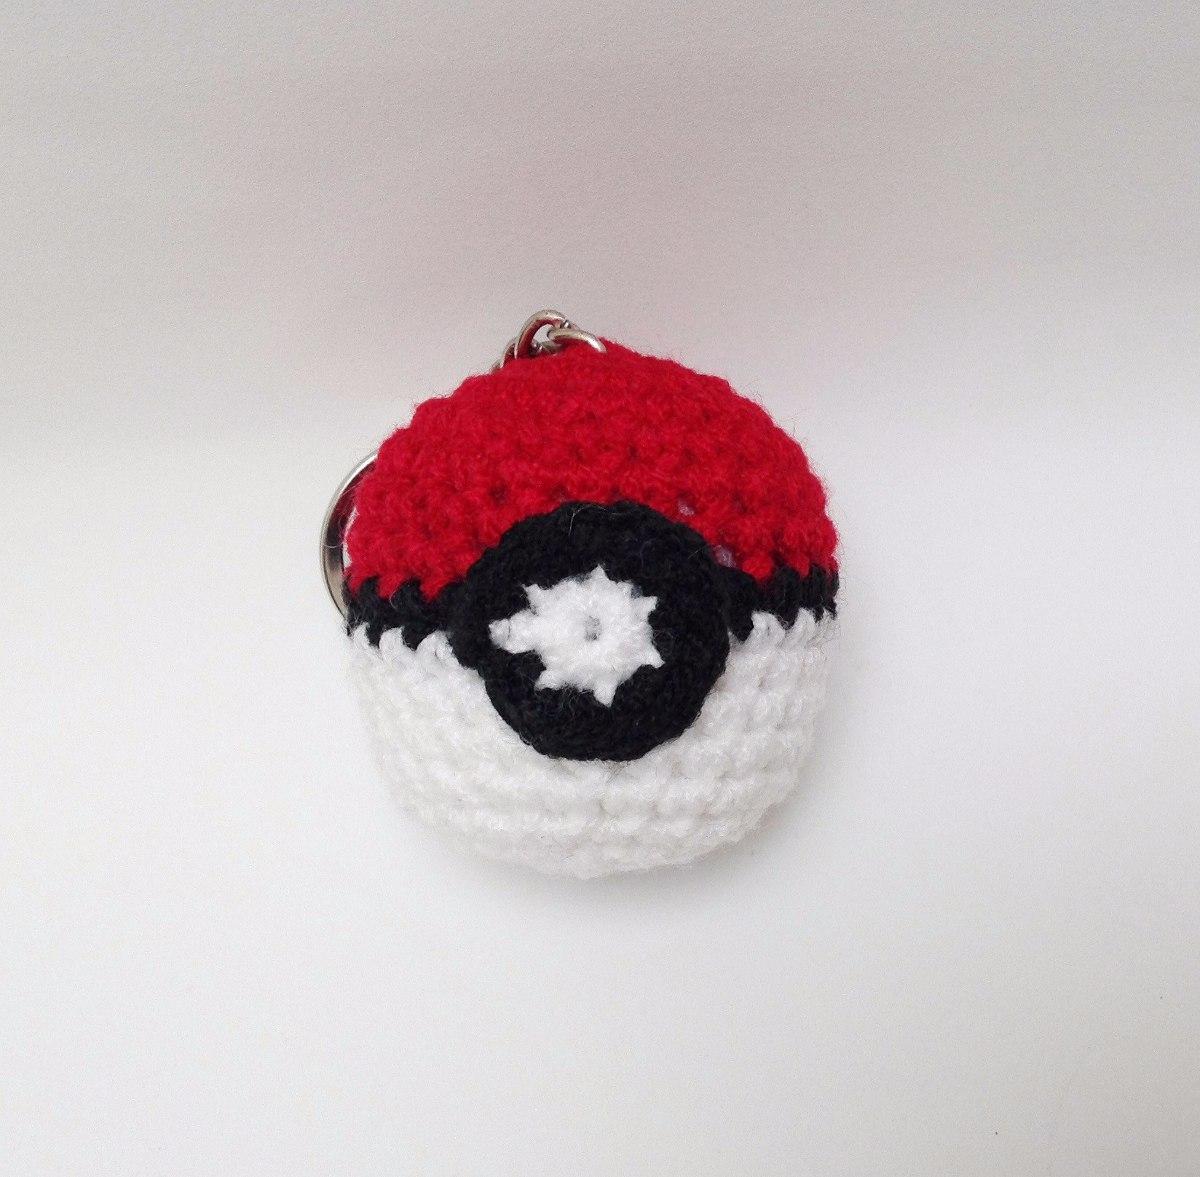 Llavero Pokebola Amigurumi Crochet - $ 30.00 en Mercado Libre